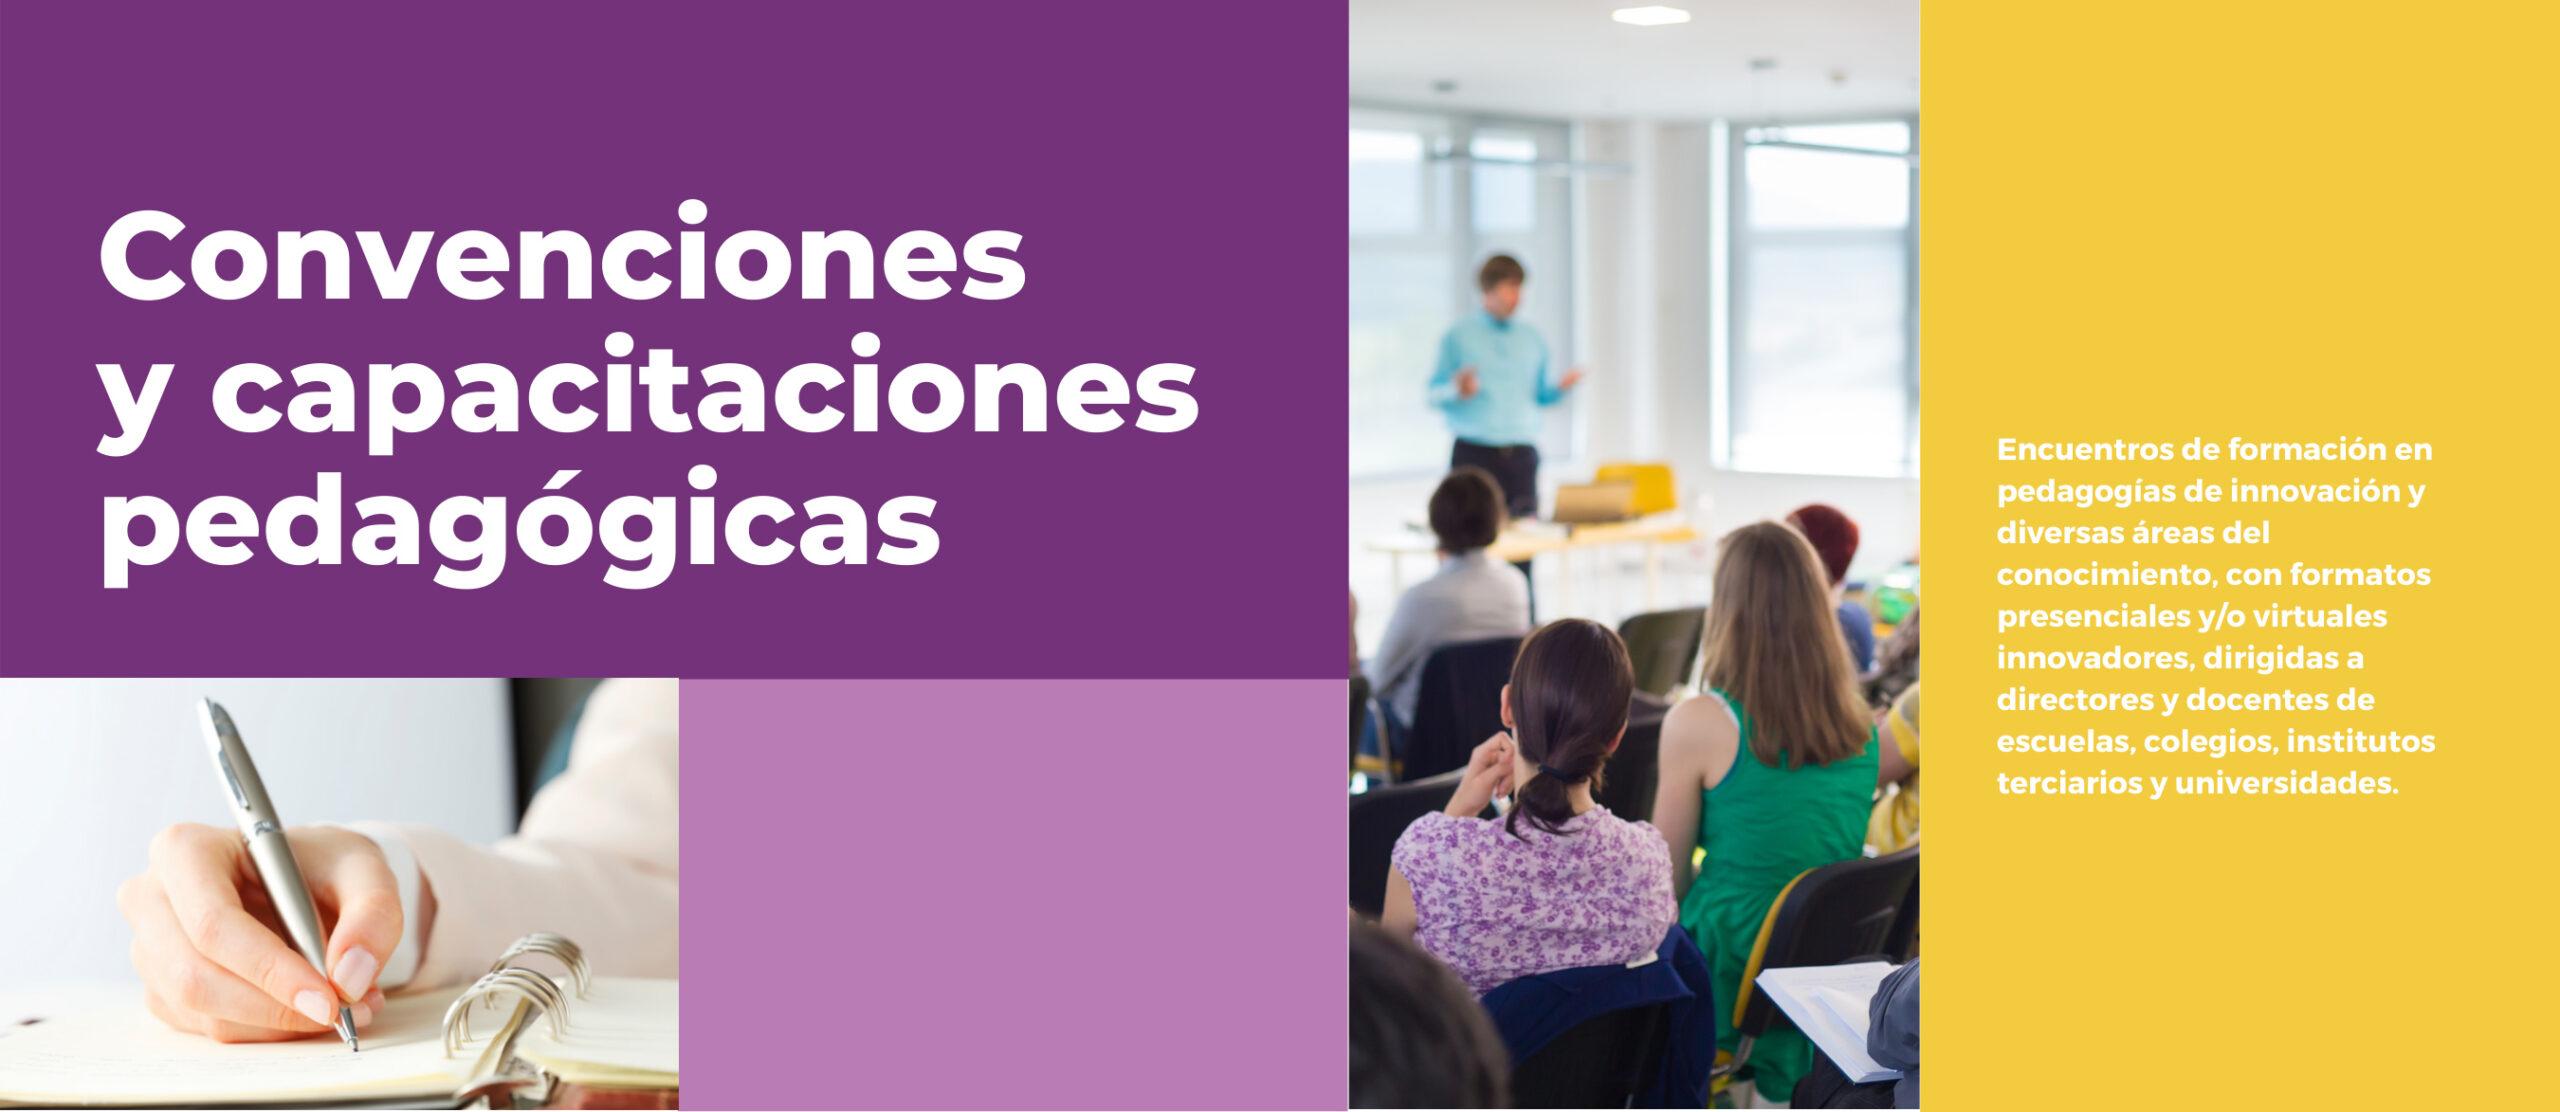 Imagen de Portada de Sección Convenciones y Capacitaciones Pedagógicas